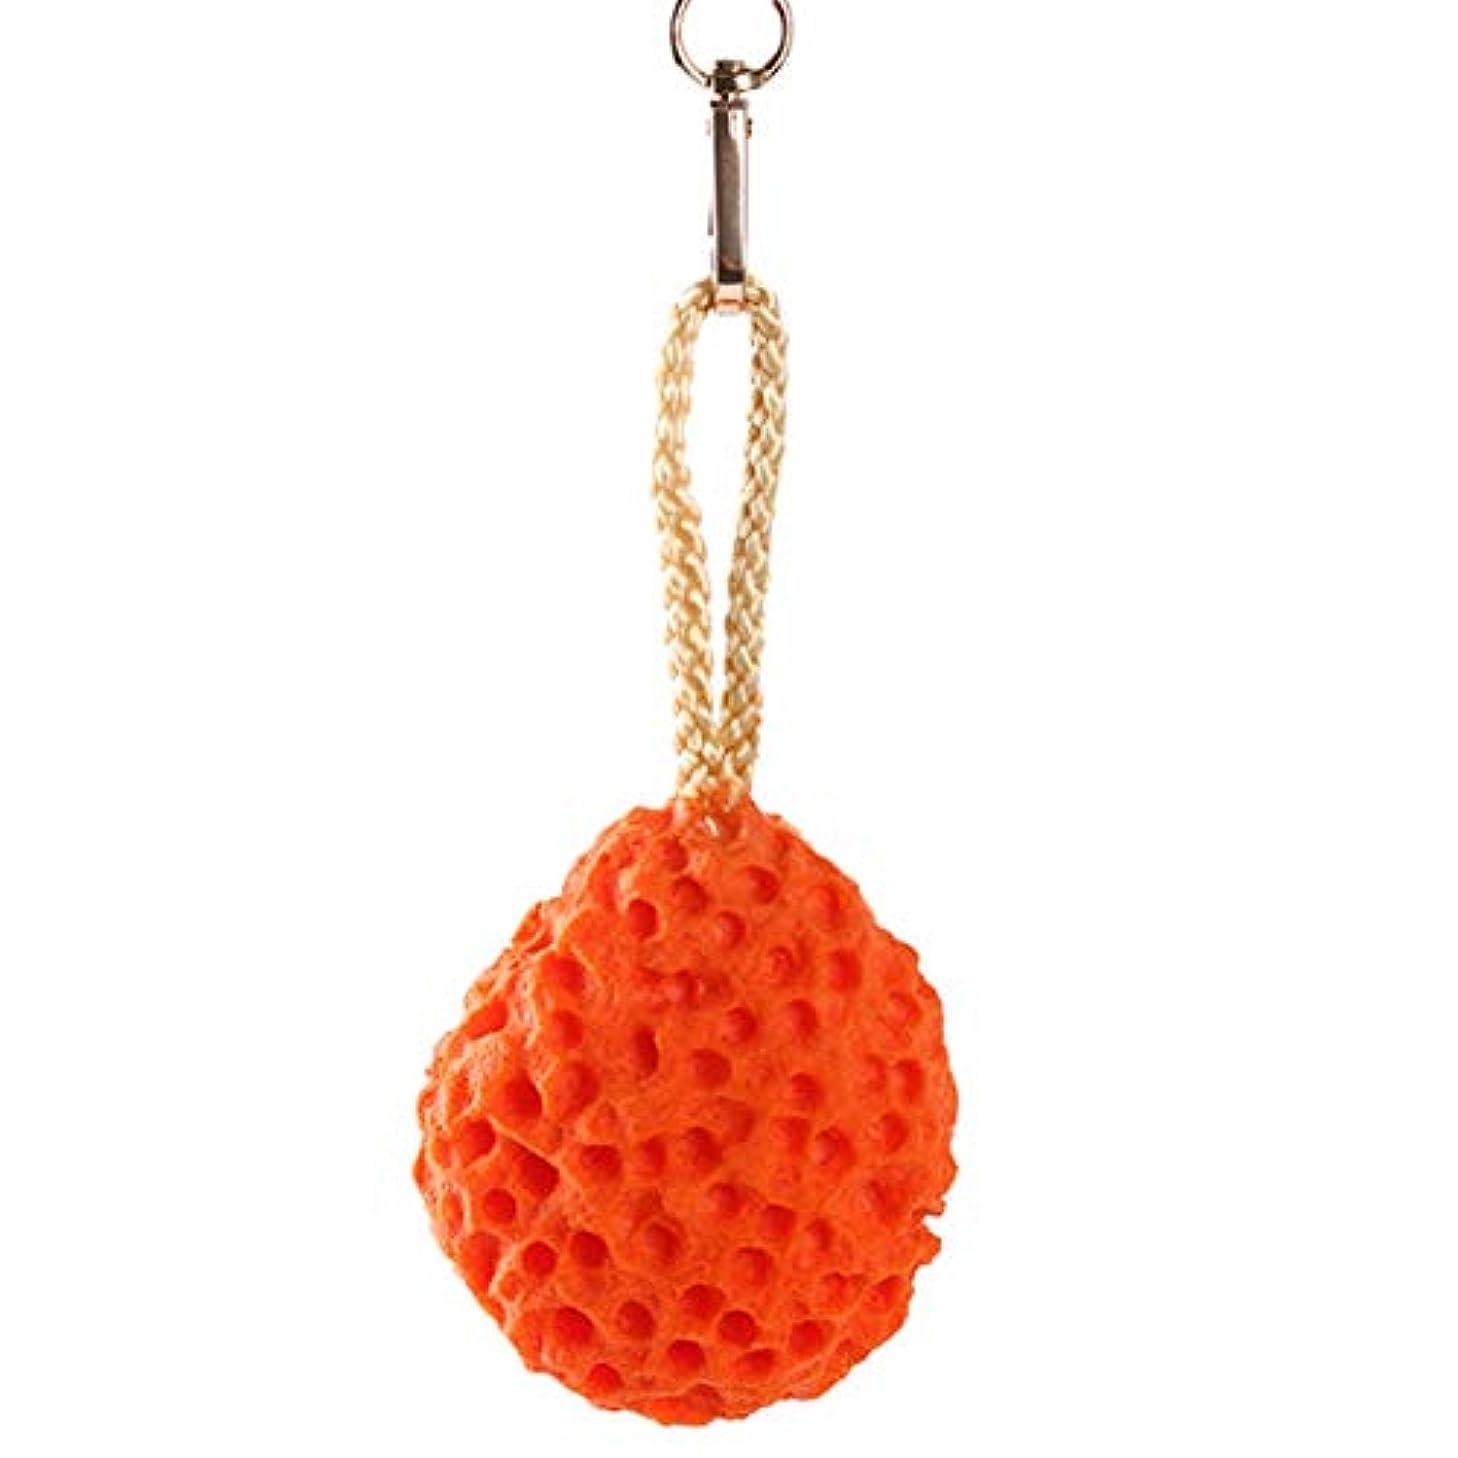 静脈減るアレルギーIdiytip ボディウォッシュボール スポンジ浴室 ファイン 泡立てネット ボディ洗い 泡ボール スポンジシャワーボール(オレンジ色)